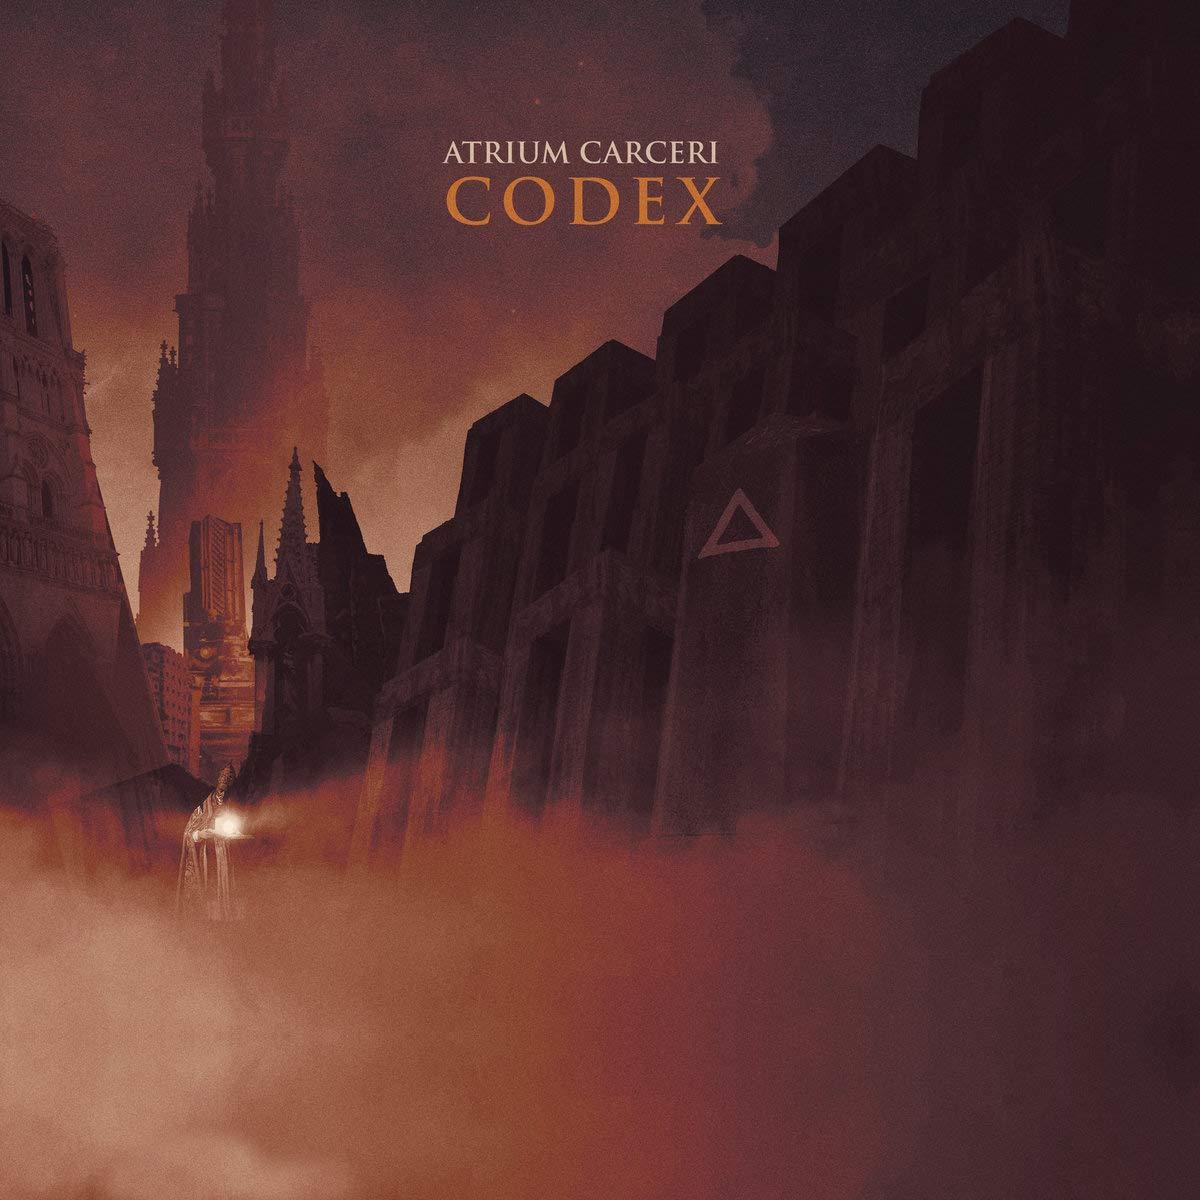 Atrium Carceri - Codex